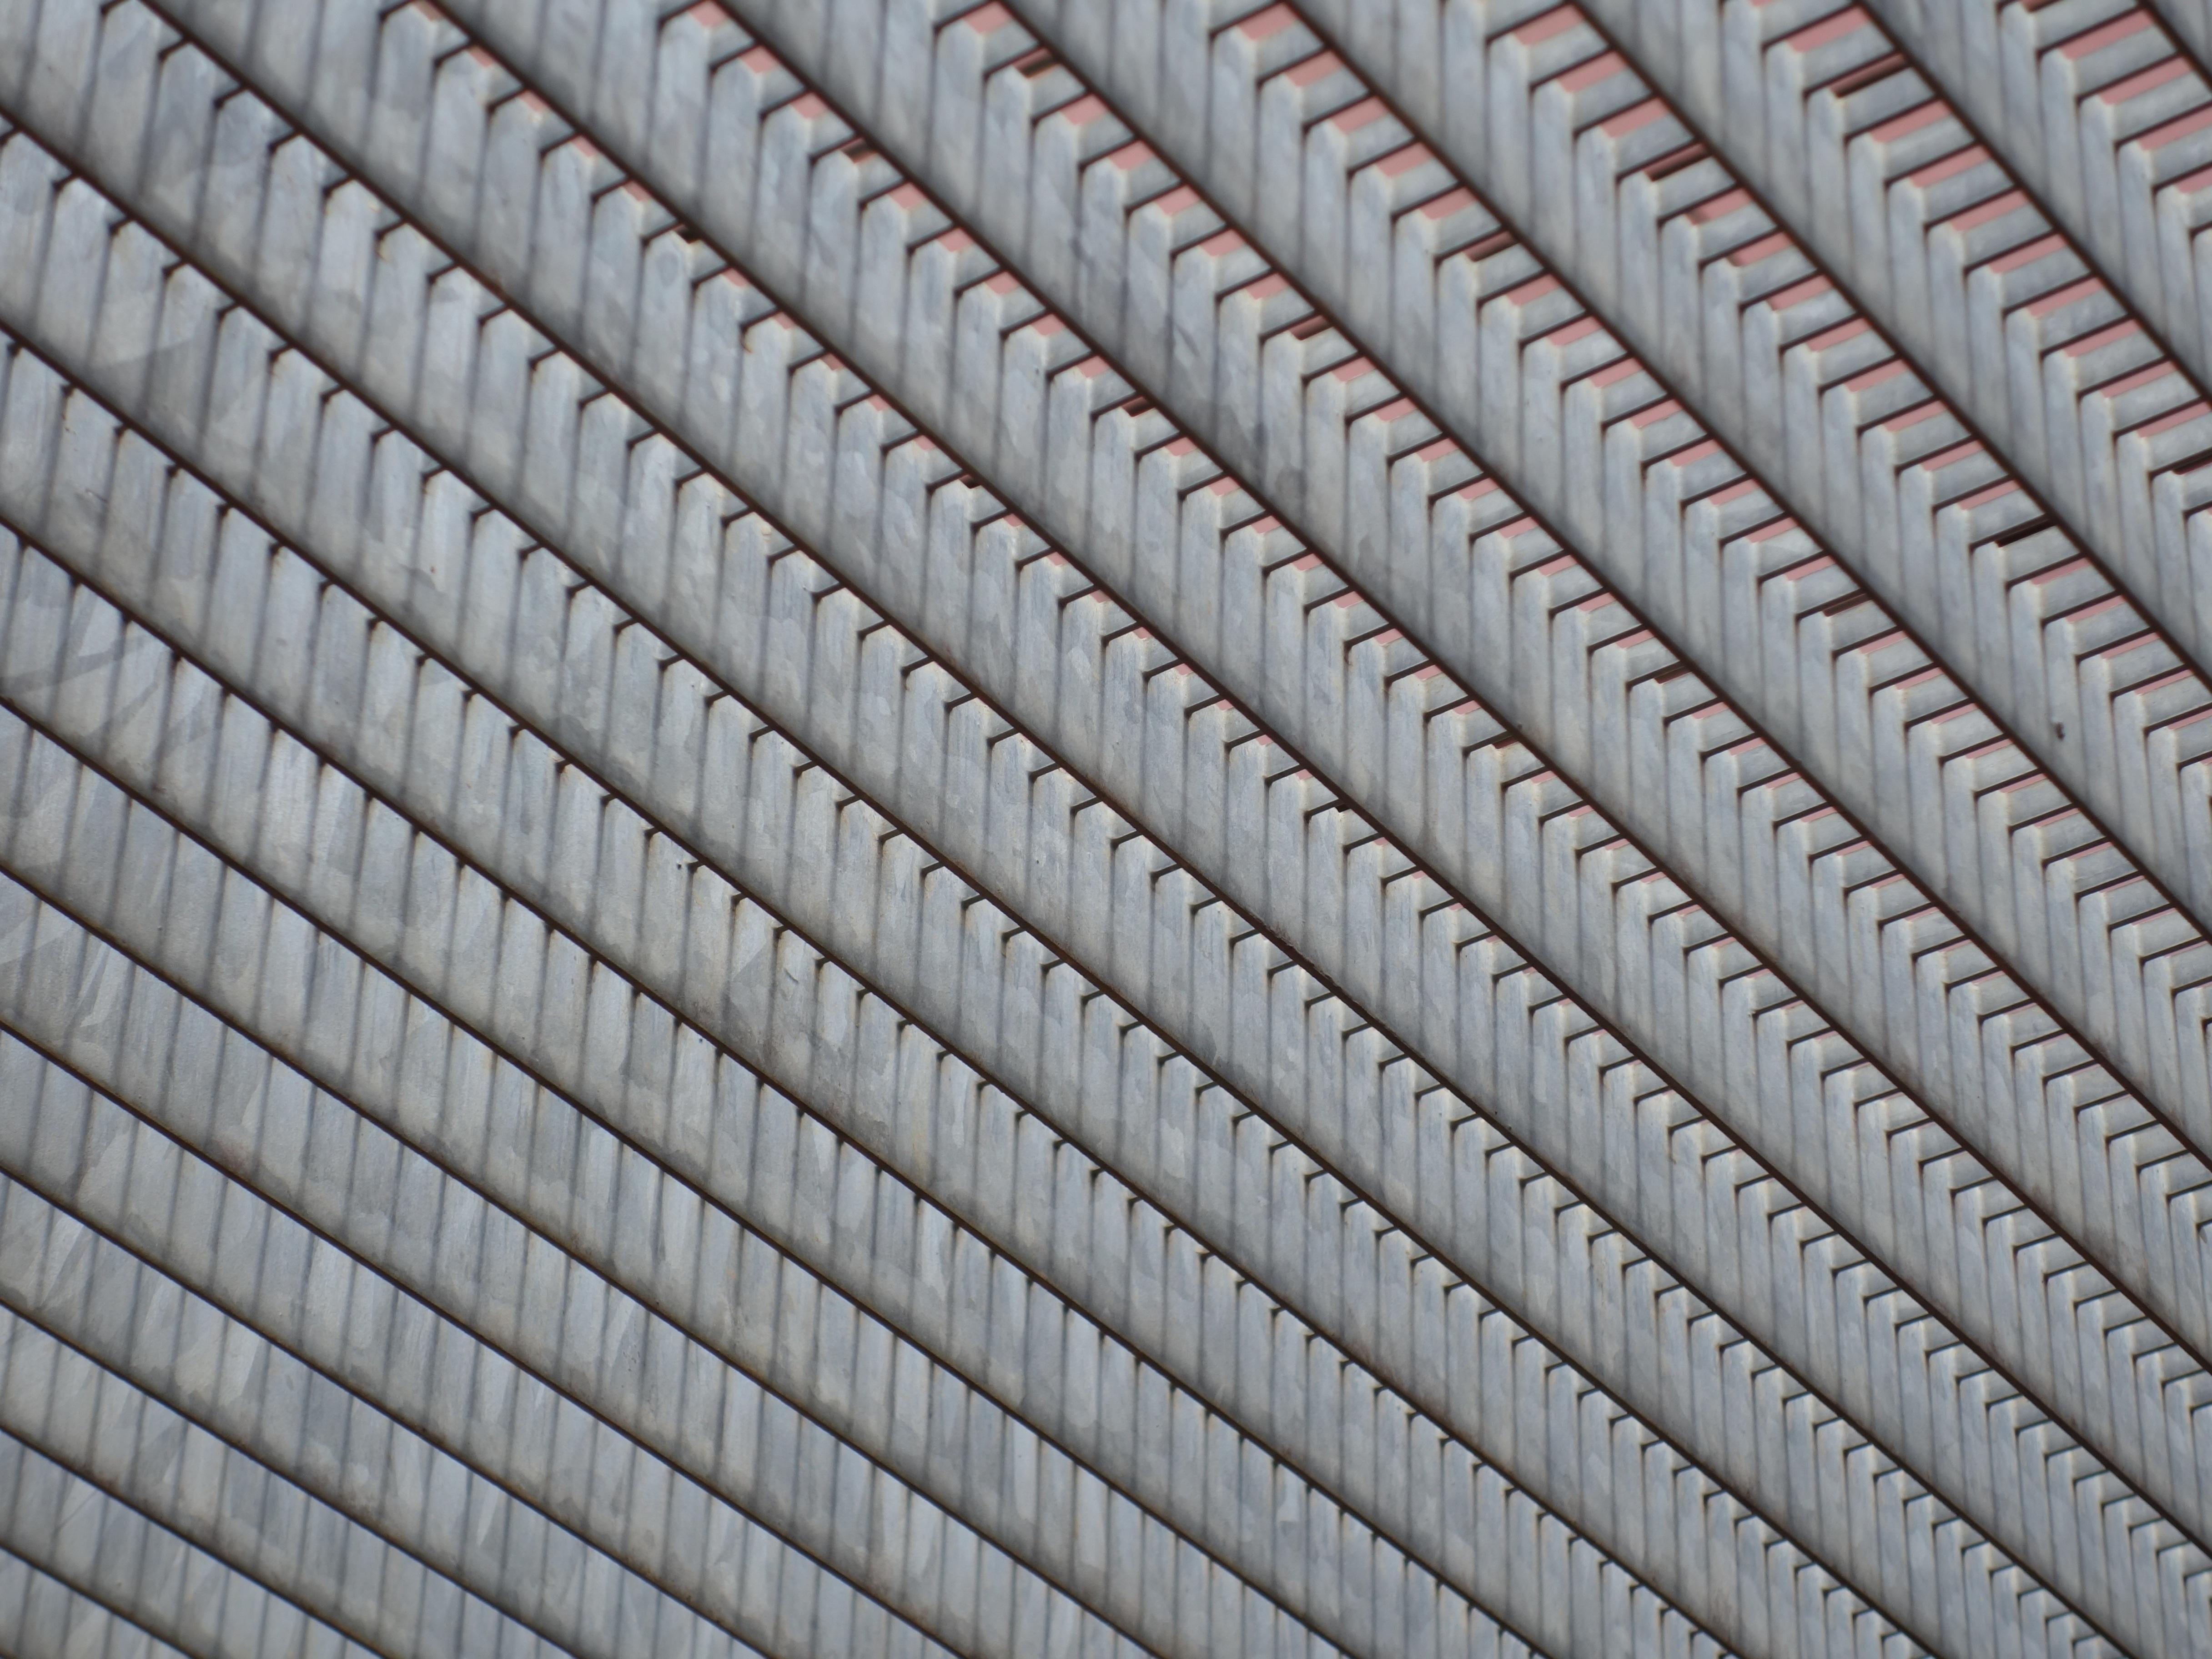 무료 이미지 : 벽, 무늬, 선, 금속, 자료, 인테리어 디자인, 직물 ...